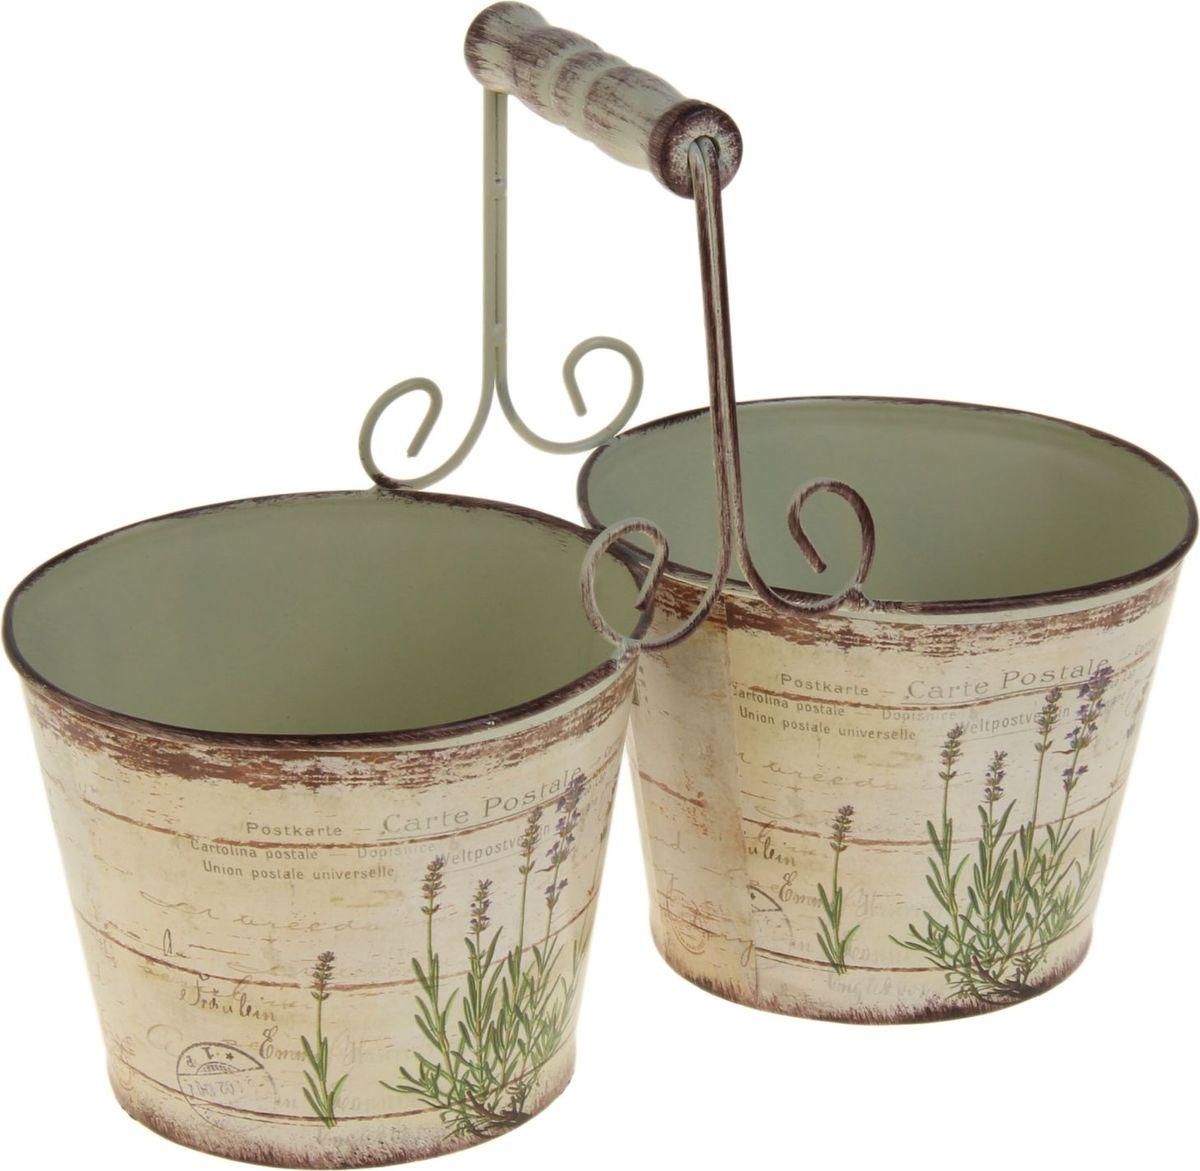 Кашпо Орхис, двойное, 26 х 13 х 10 см1039780Комнатные растения — всеобщие любимцы. Они радуют глаз, насыщают помещение кислородом и украшают пространство. Каждому из растений необходим свой удобный и красивый дом. Металлические декоративные вазы для горшков практичны и долговечны. #name# позаботится о зелёном питомце, освежит интерьер и подчеркнёт его стиль. Особенно выигрышно они смотрятся в экстерьере: на террасах и в беседках. При желании его всегда можно перекрасить в другой цвет.